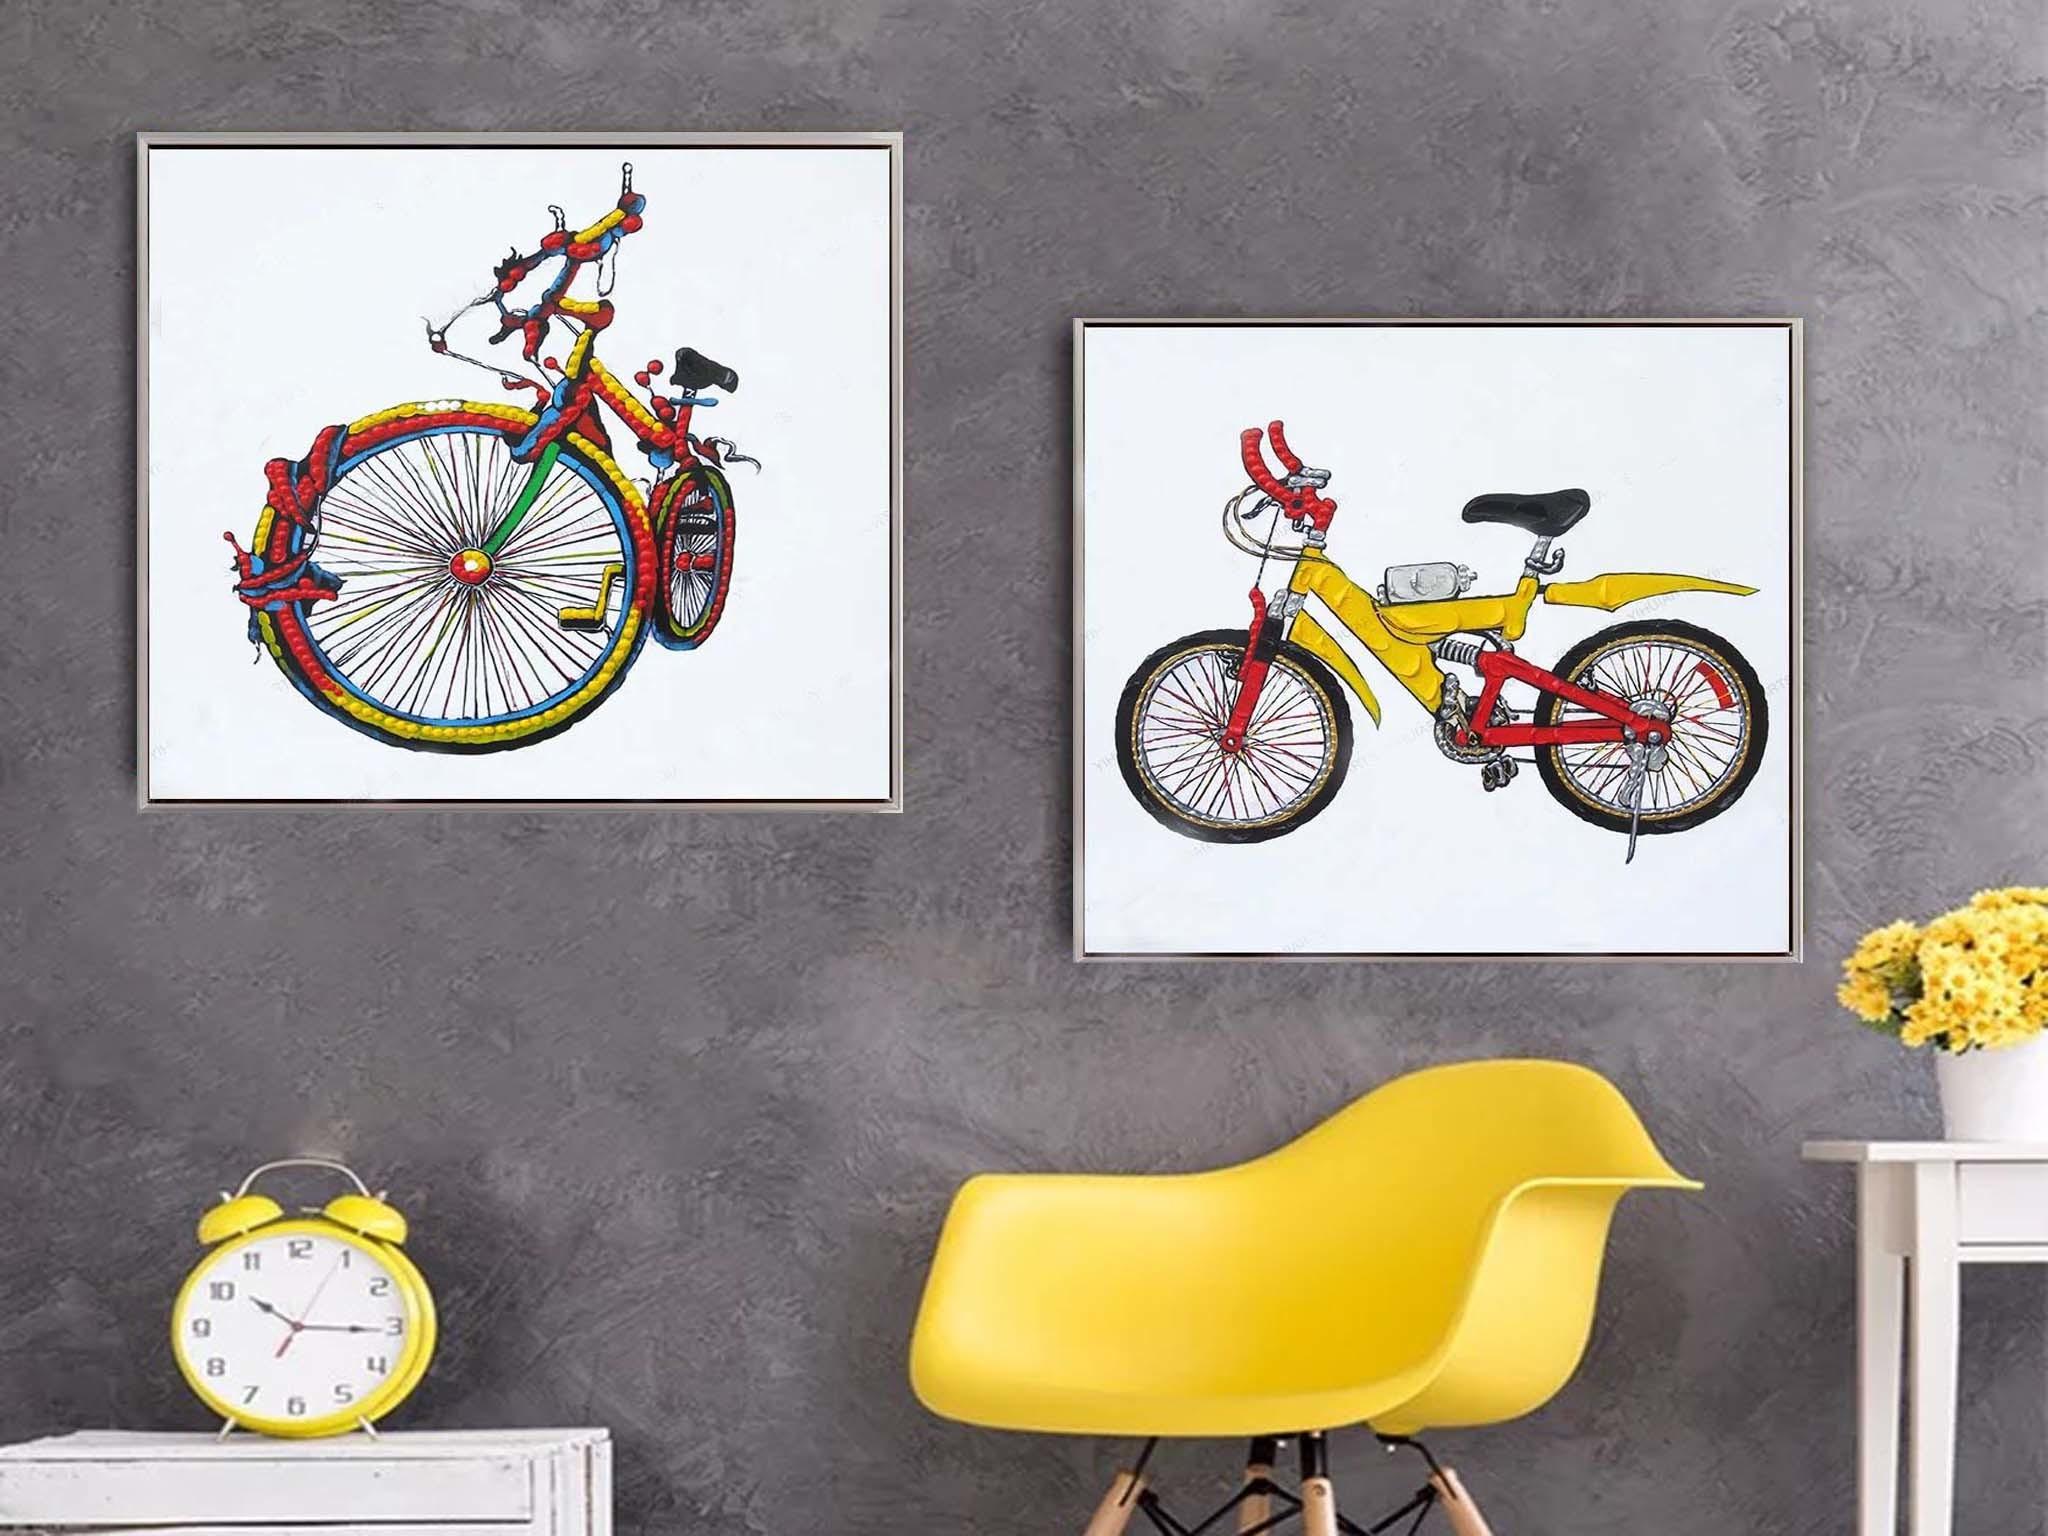 【装饰字画】手绘现代简约风格油画 自行车 客厅装饰